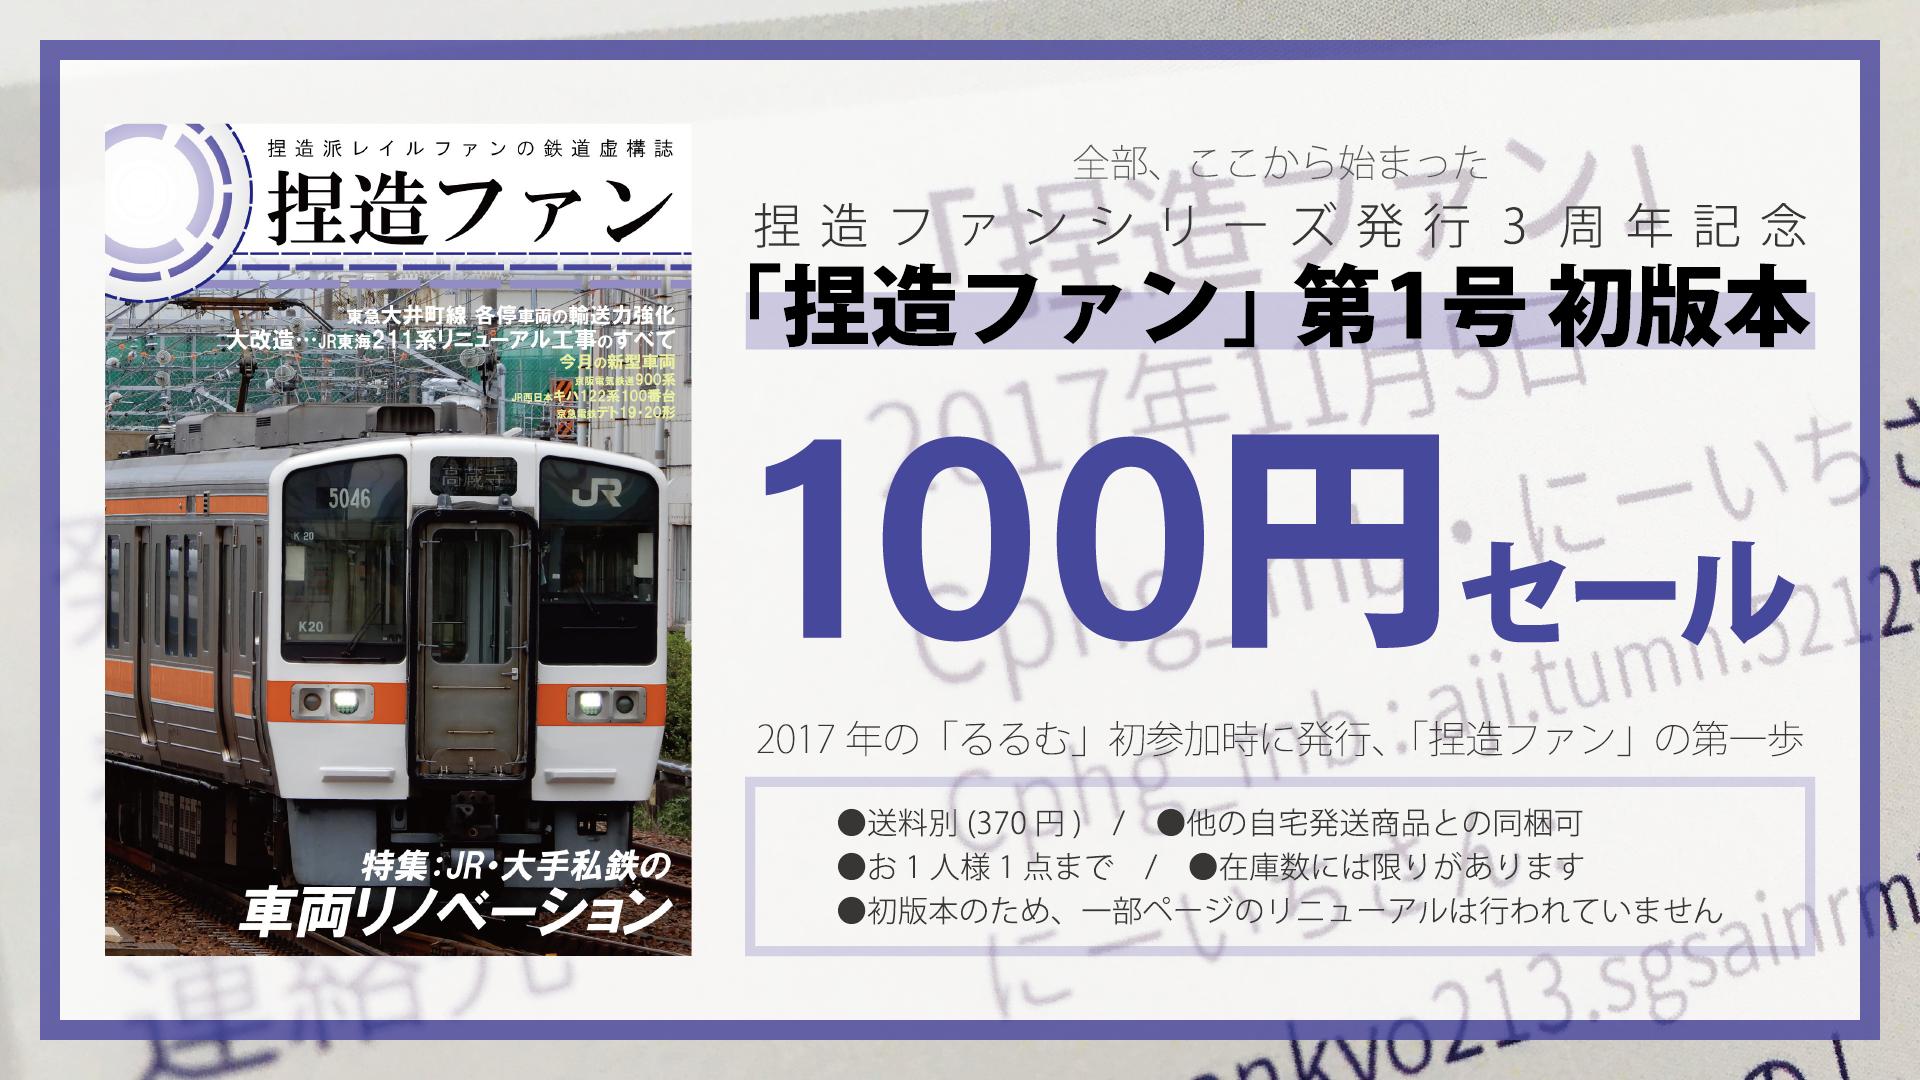 捏造ファンシリーズ発行3周年記念 第1号初版100円セール